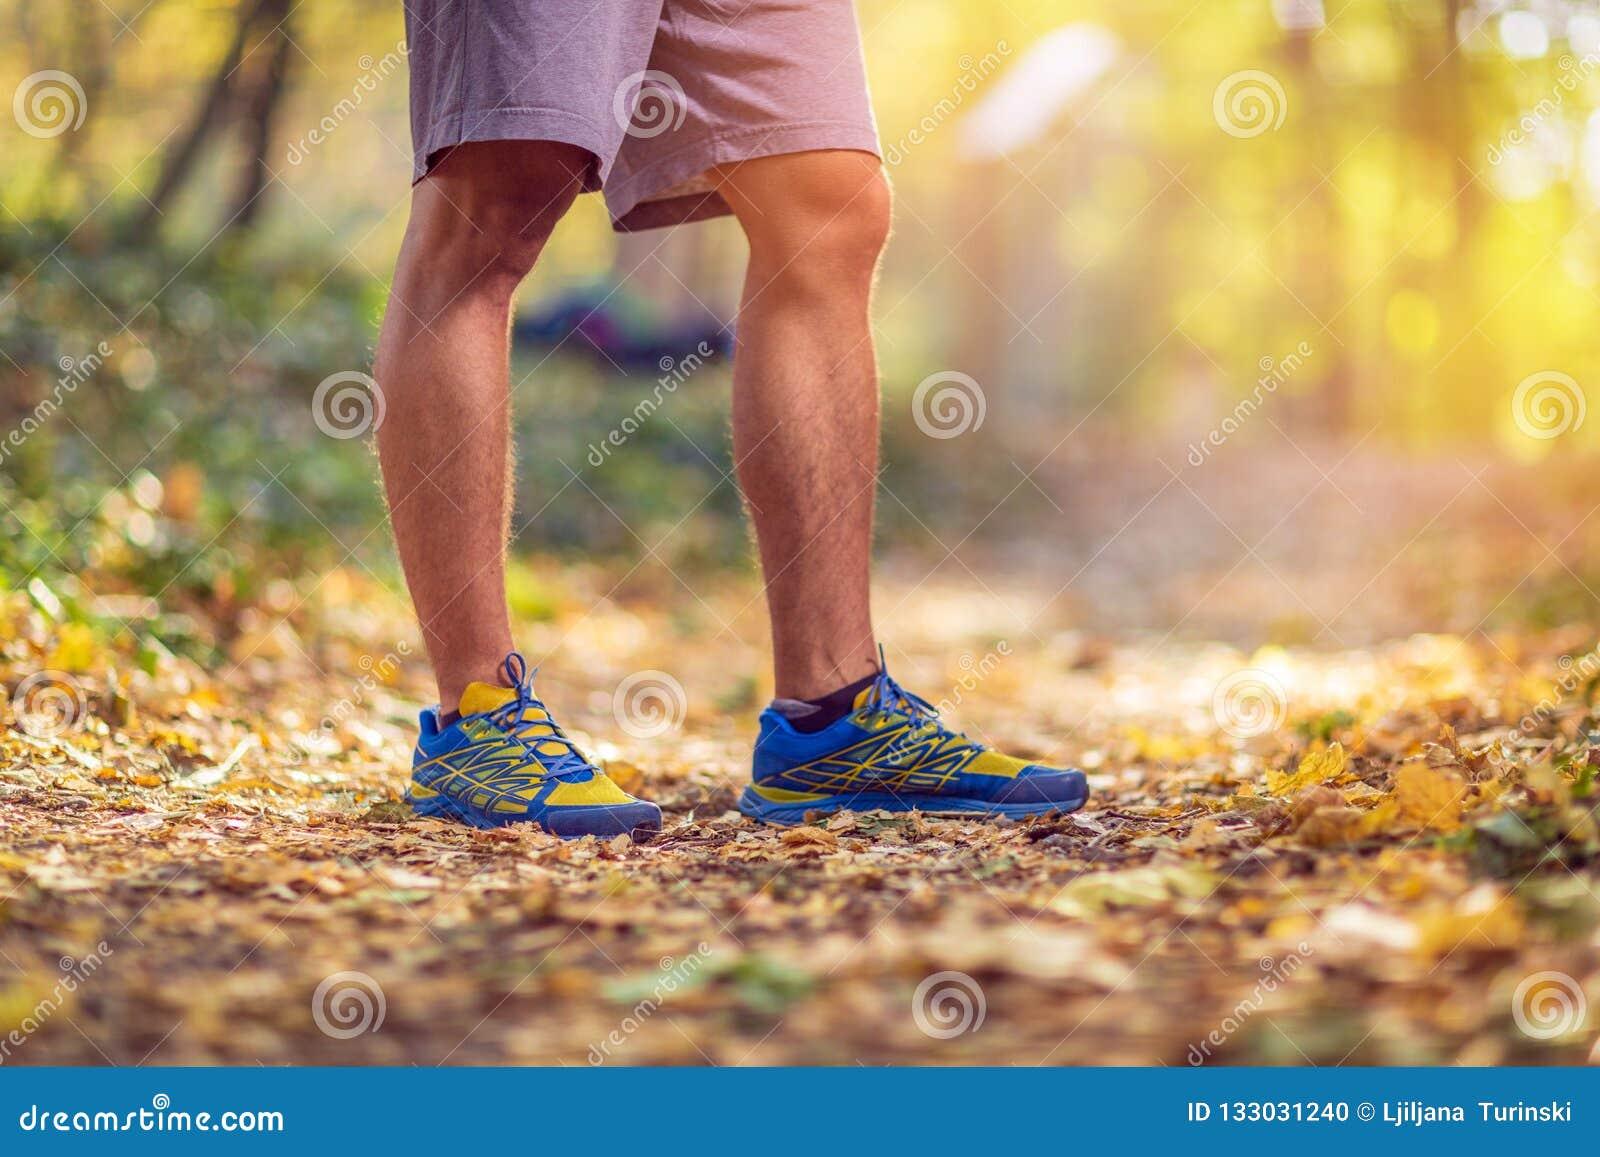 Działający sport sprawności fizycznej mężczyzna Zamyka w górę męskich nóg i butów człowieku